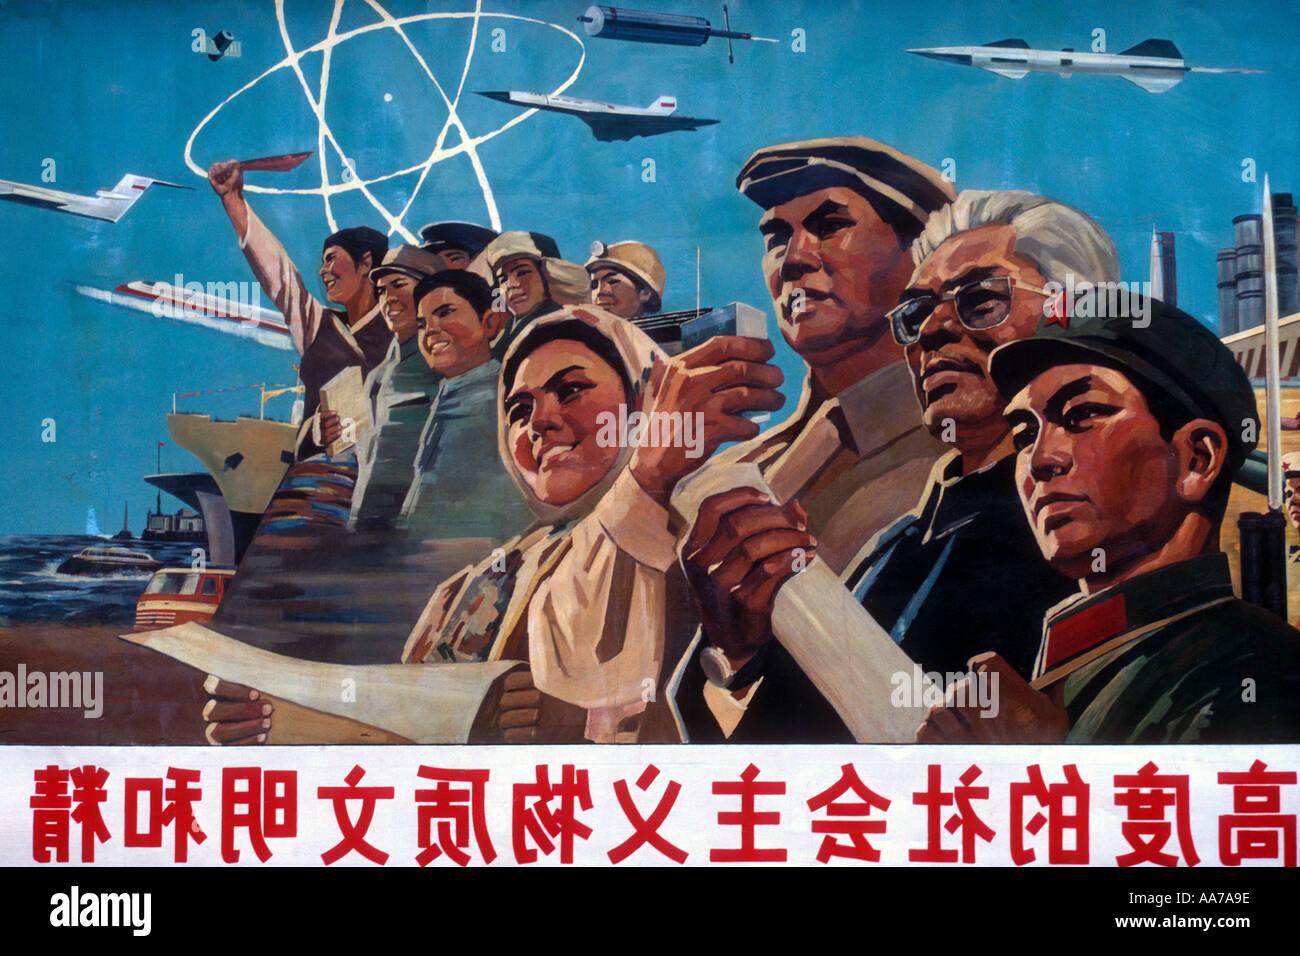 Propaganda Wall Poster Shanghai China 1982 - Stock Image